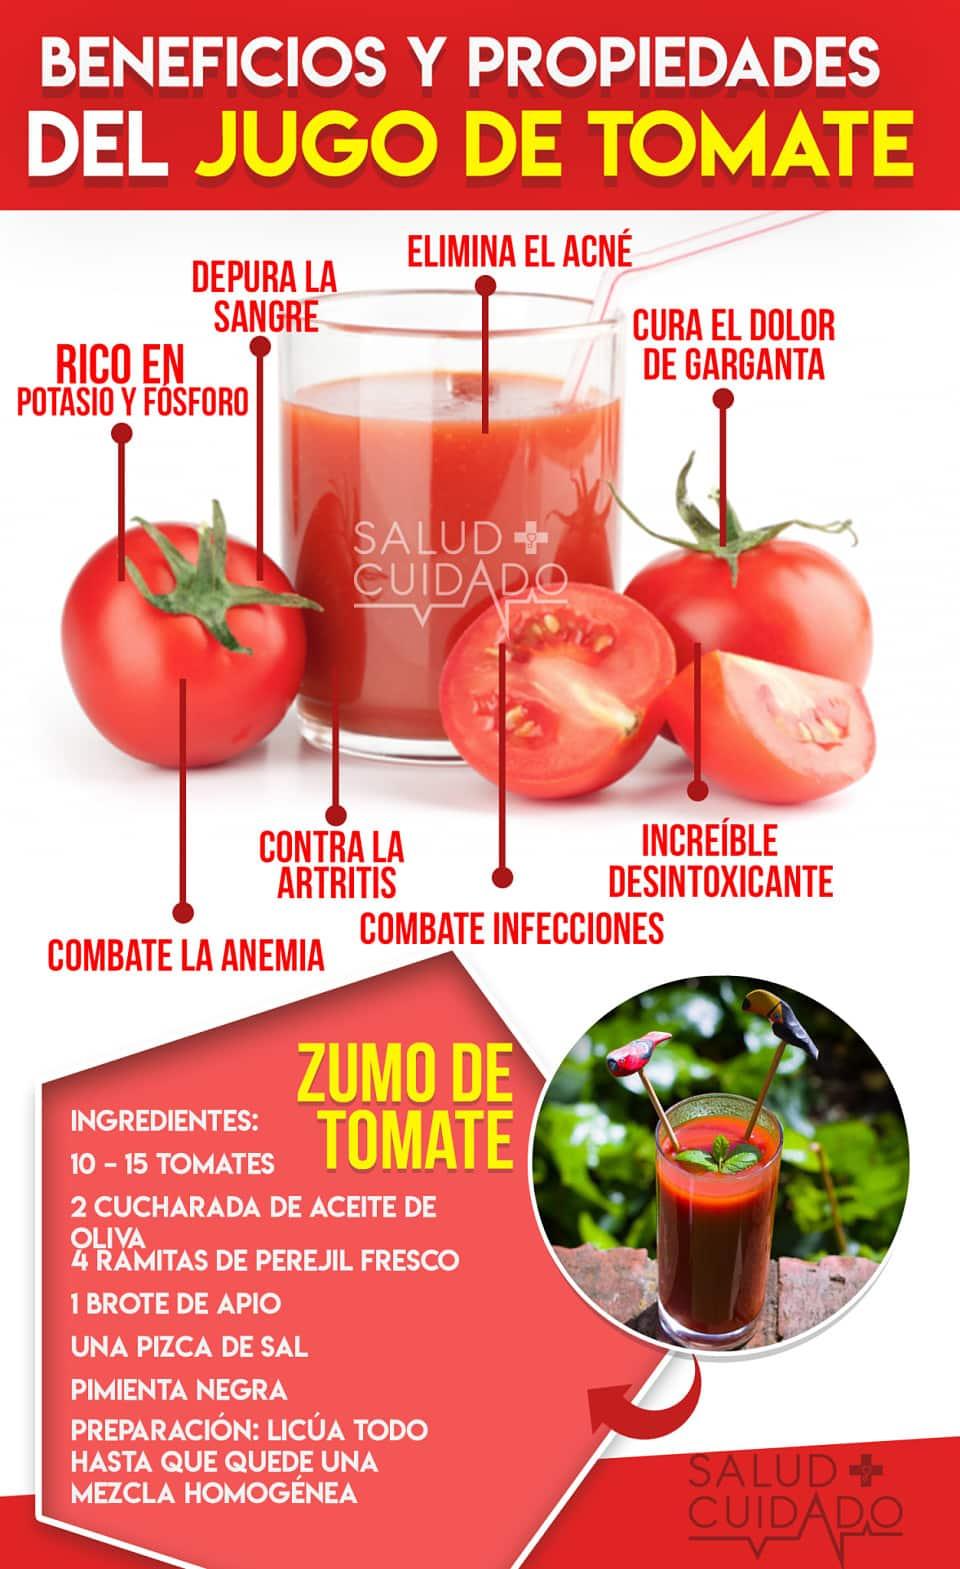 Beneficios del Jugo de tomate y Propiedades Infografia